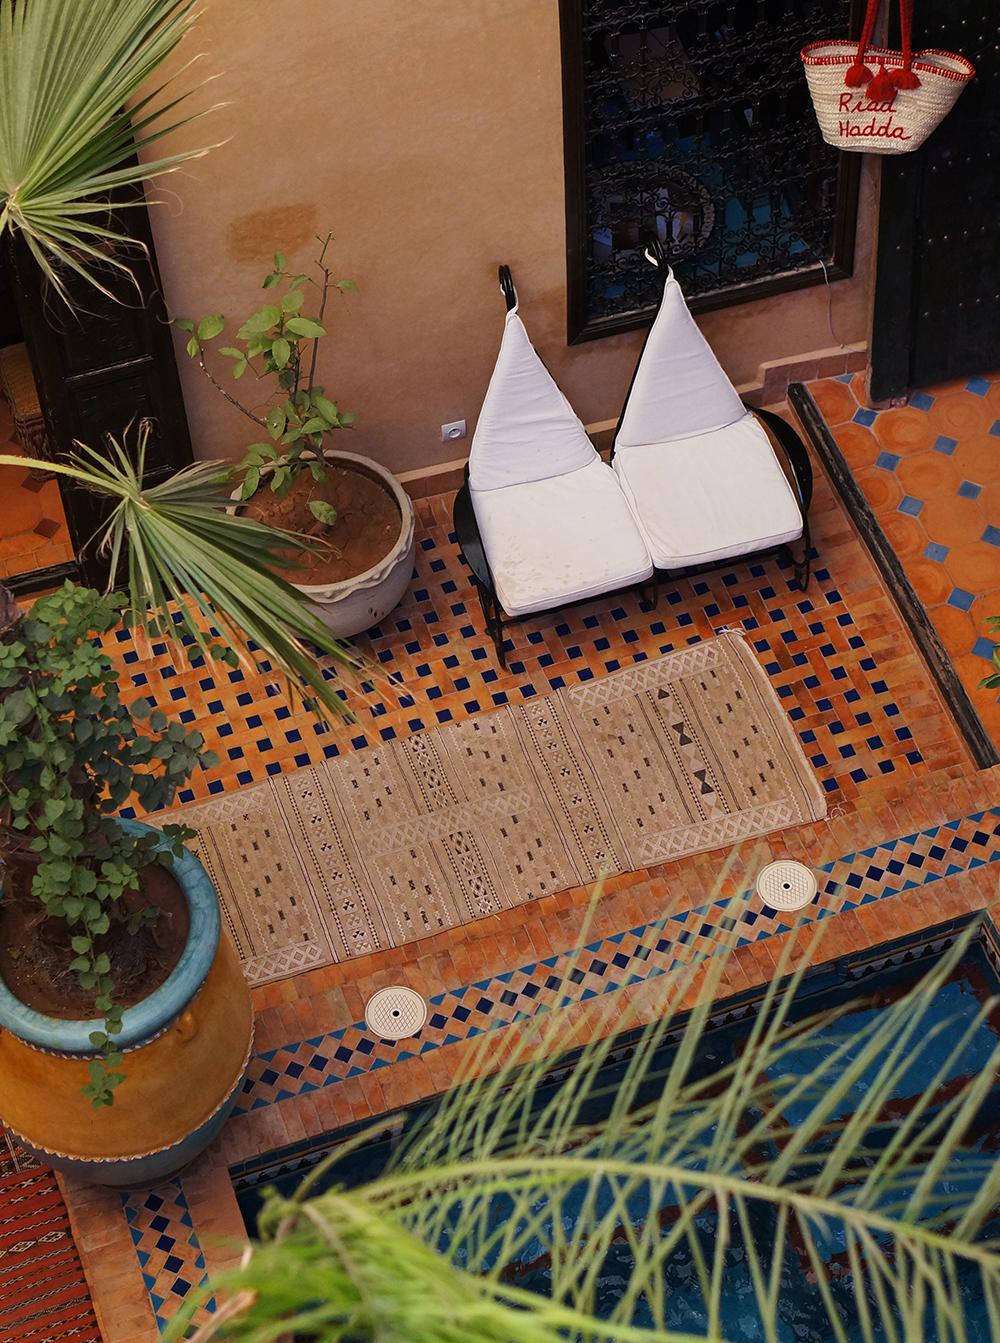 riad-hadda-marrakech-1